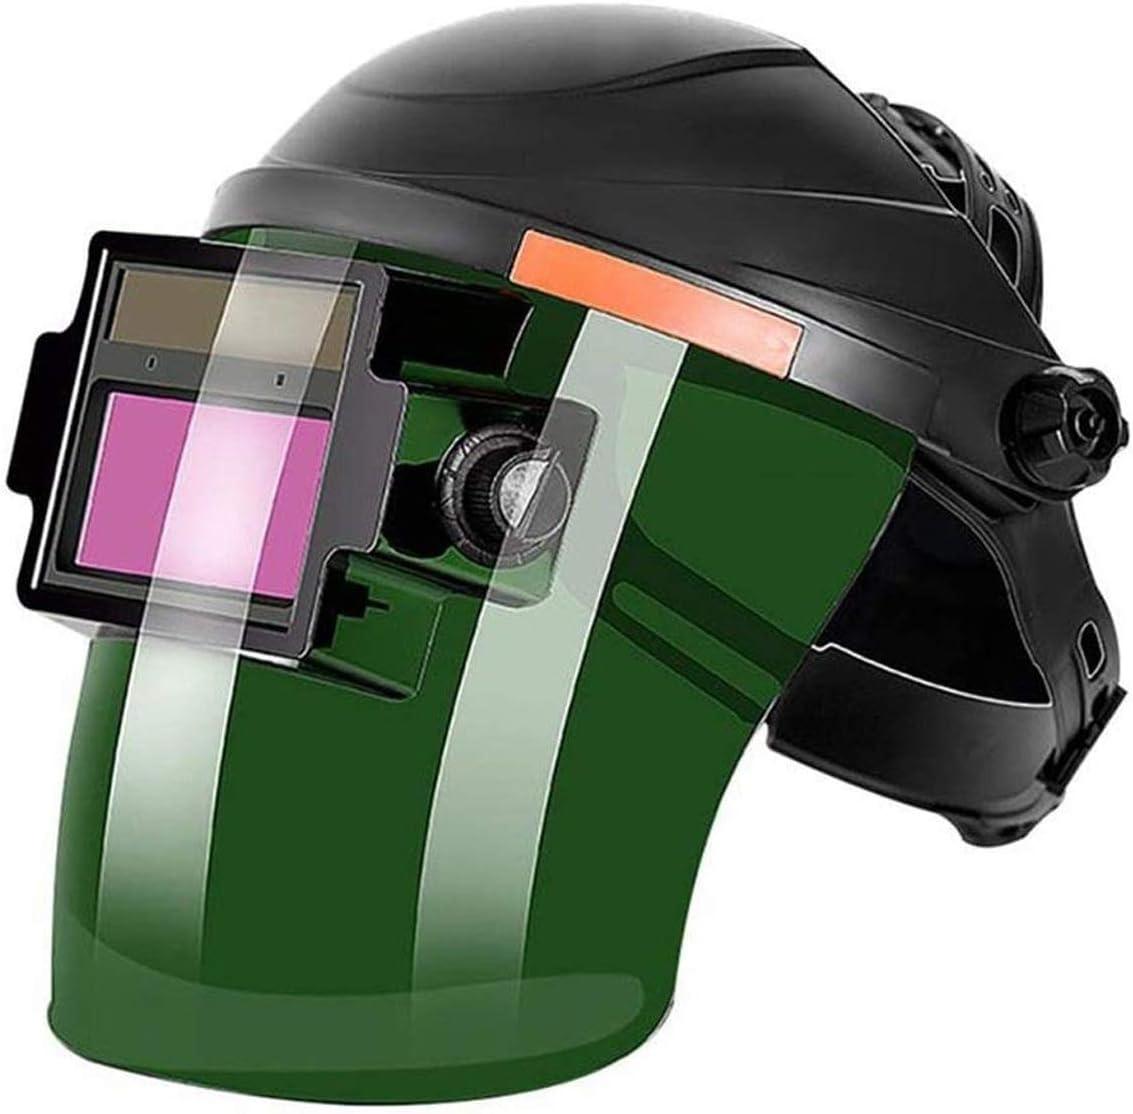 WYKDL Vidrios de Soldadura Oscuros automáticos Gafas Protectores Especiales para soldadores, Soldadura de Arcos de argón, Anti-deslumbramiento y Gafas Anti-Ojo